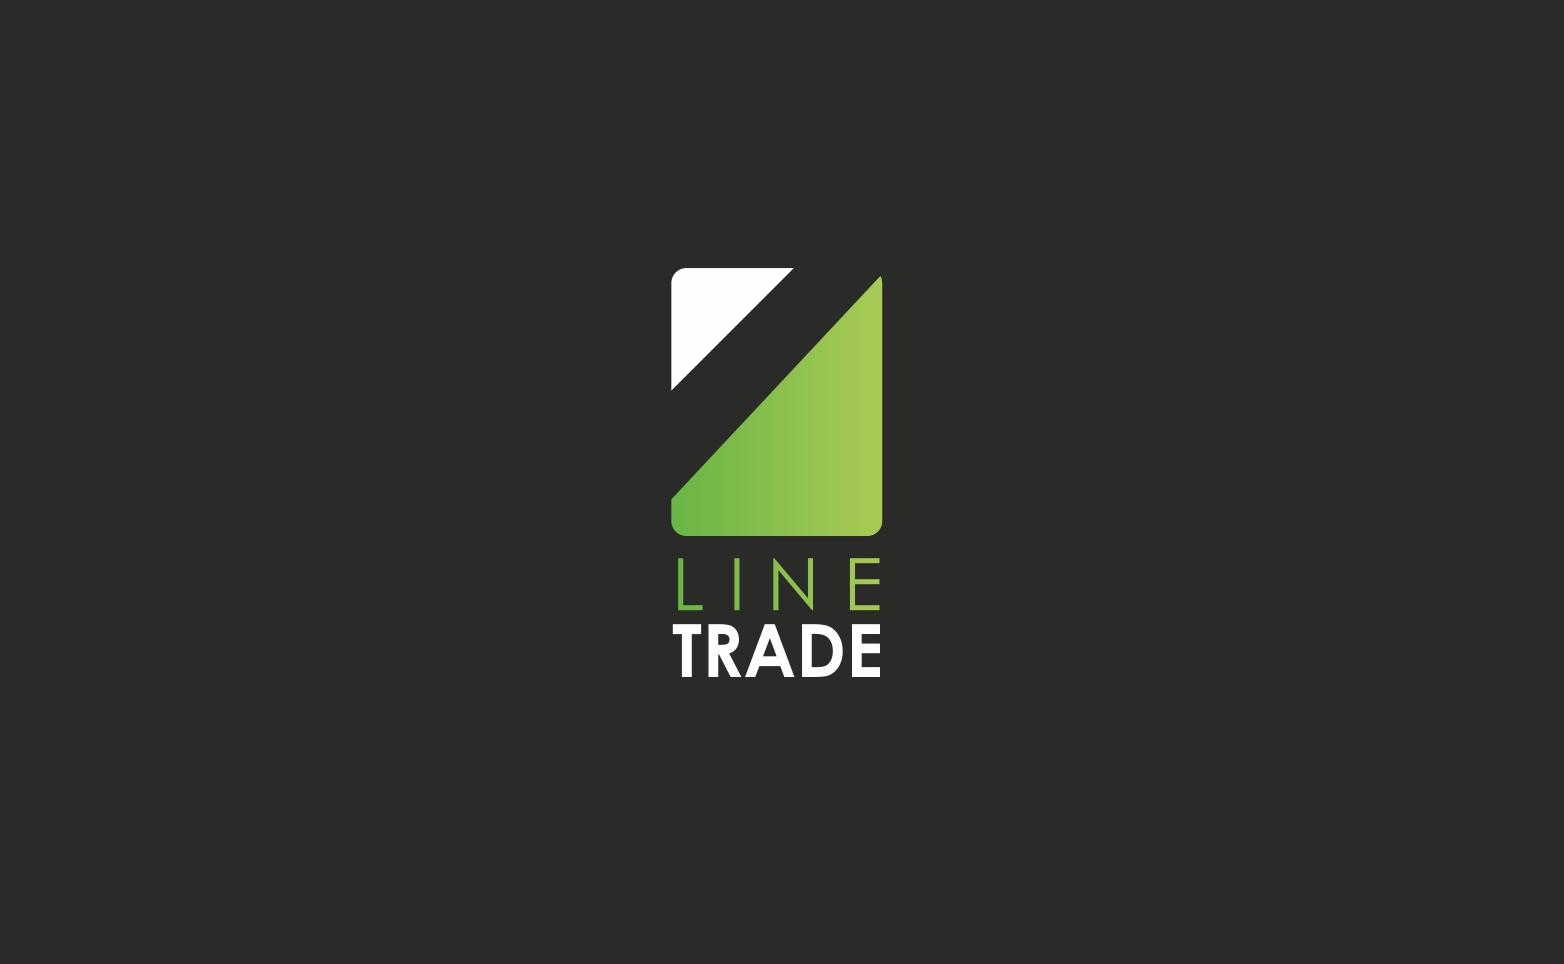 Разработка логотипа компании Line Trade фото f_06050fcf5993294e.jpg